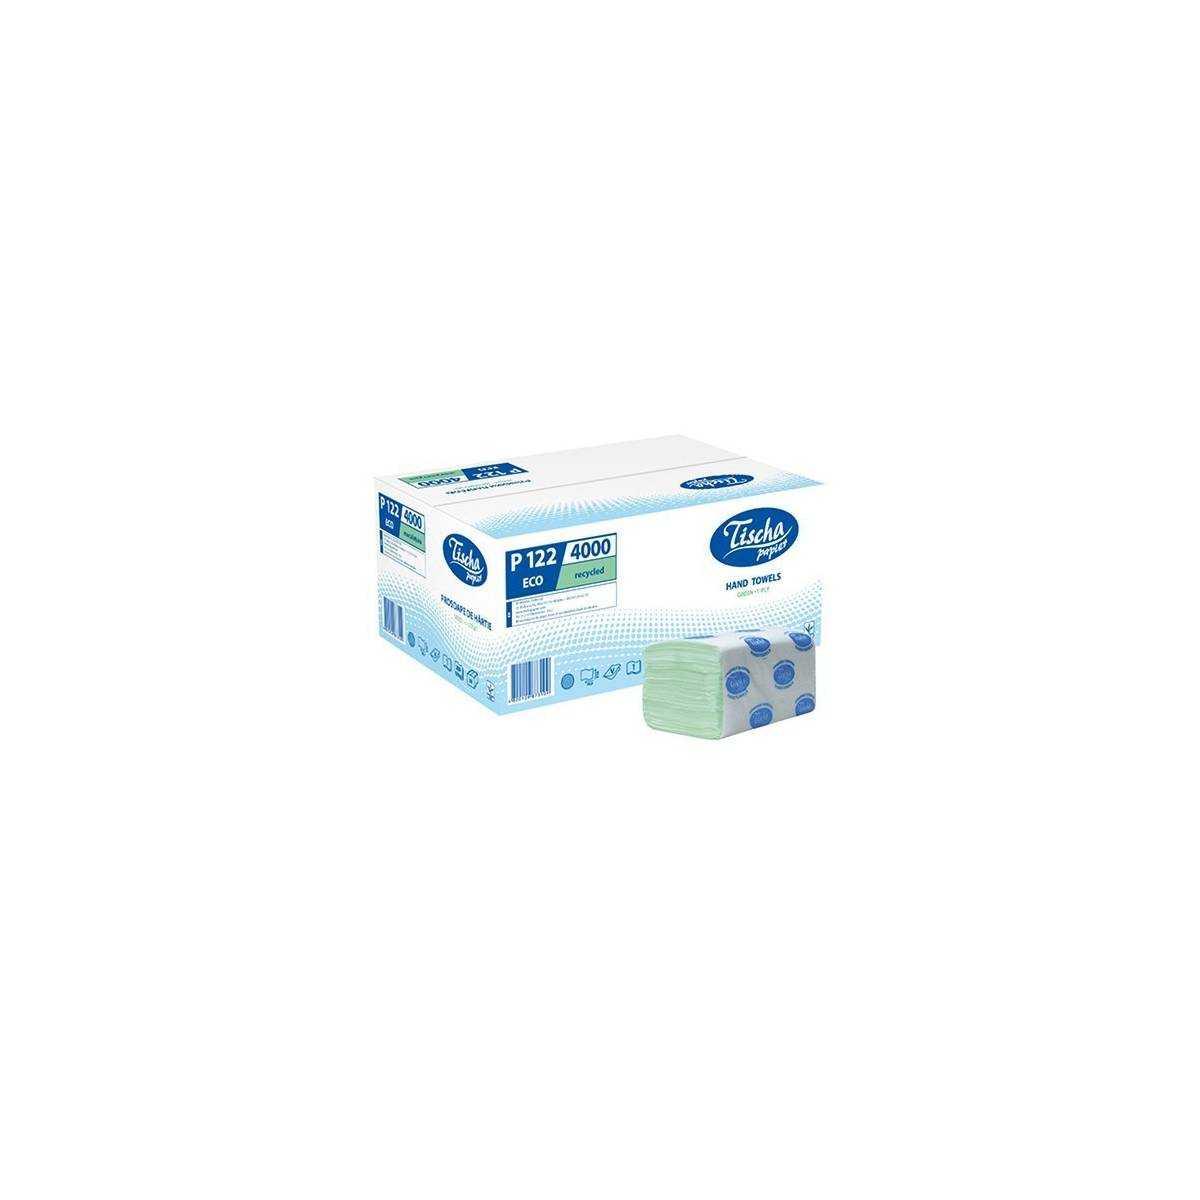 Полотенца бумажные ECO (ящик/20 пачек по 200 листов) P122 Tischa Papier